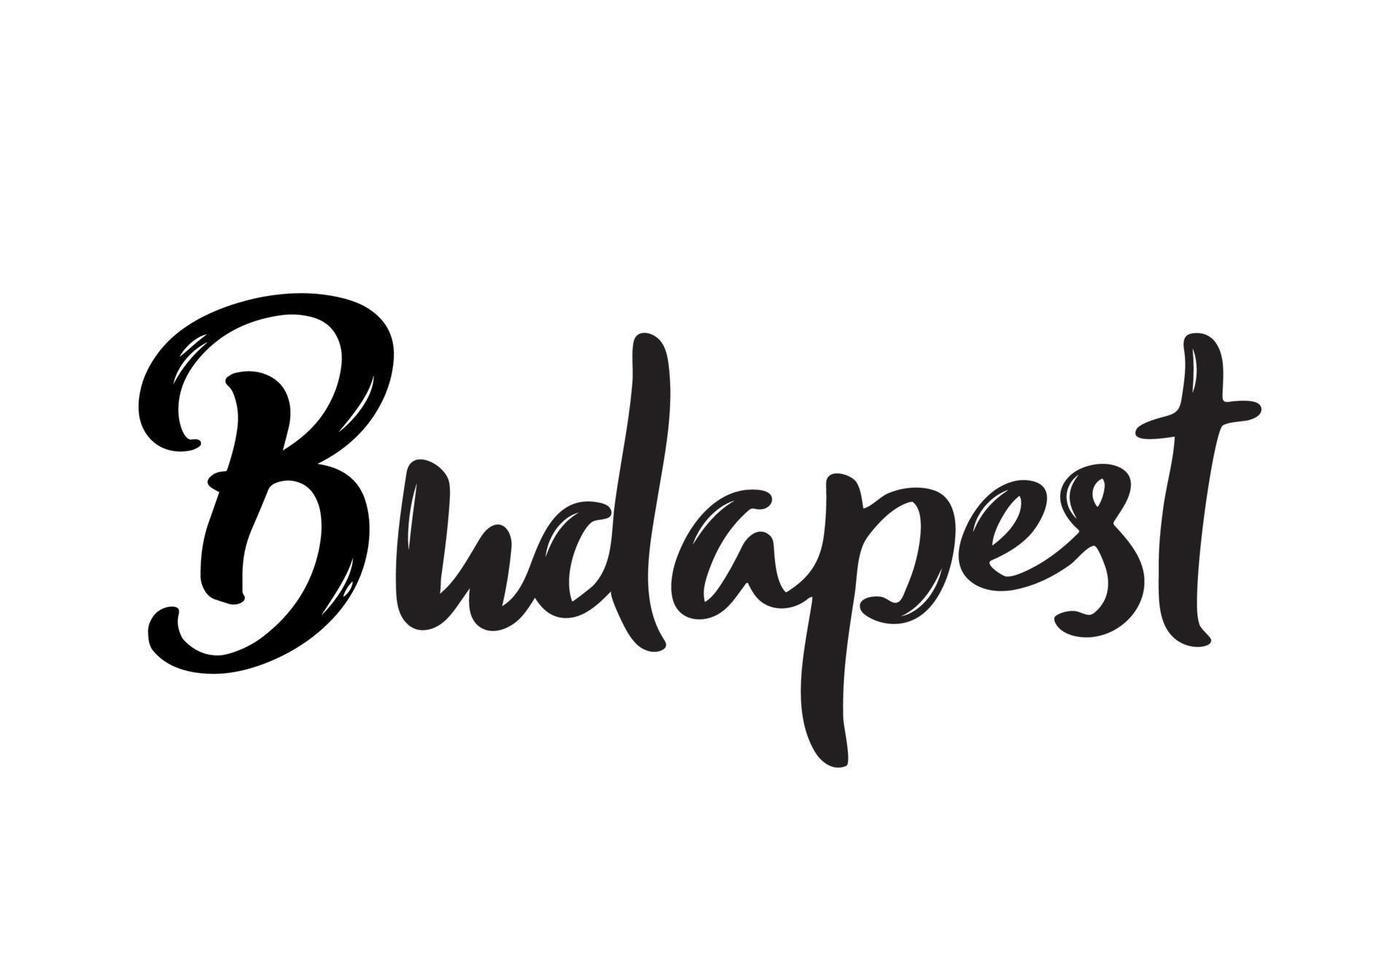 letras de Budapest. nombre escrito a mano de la capital de Hungría. vector